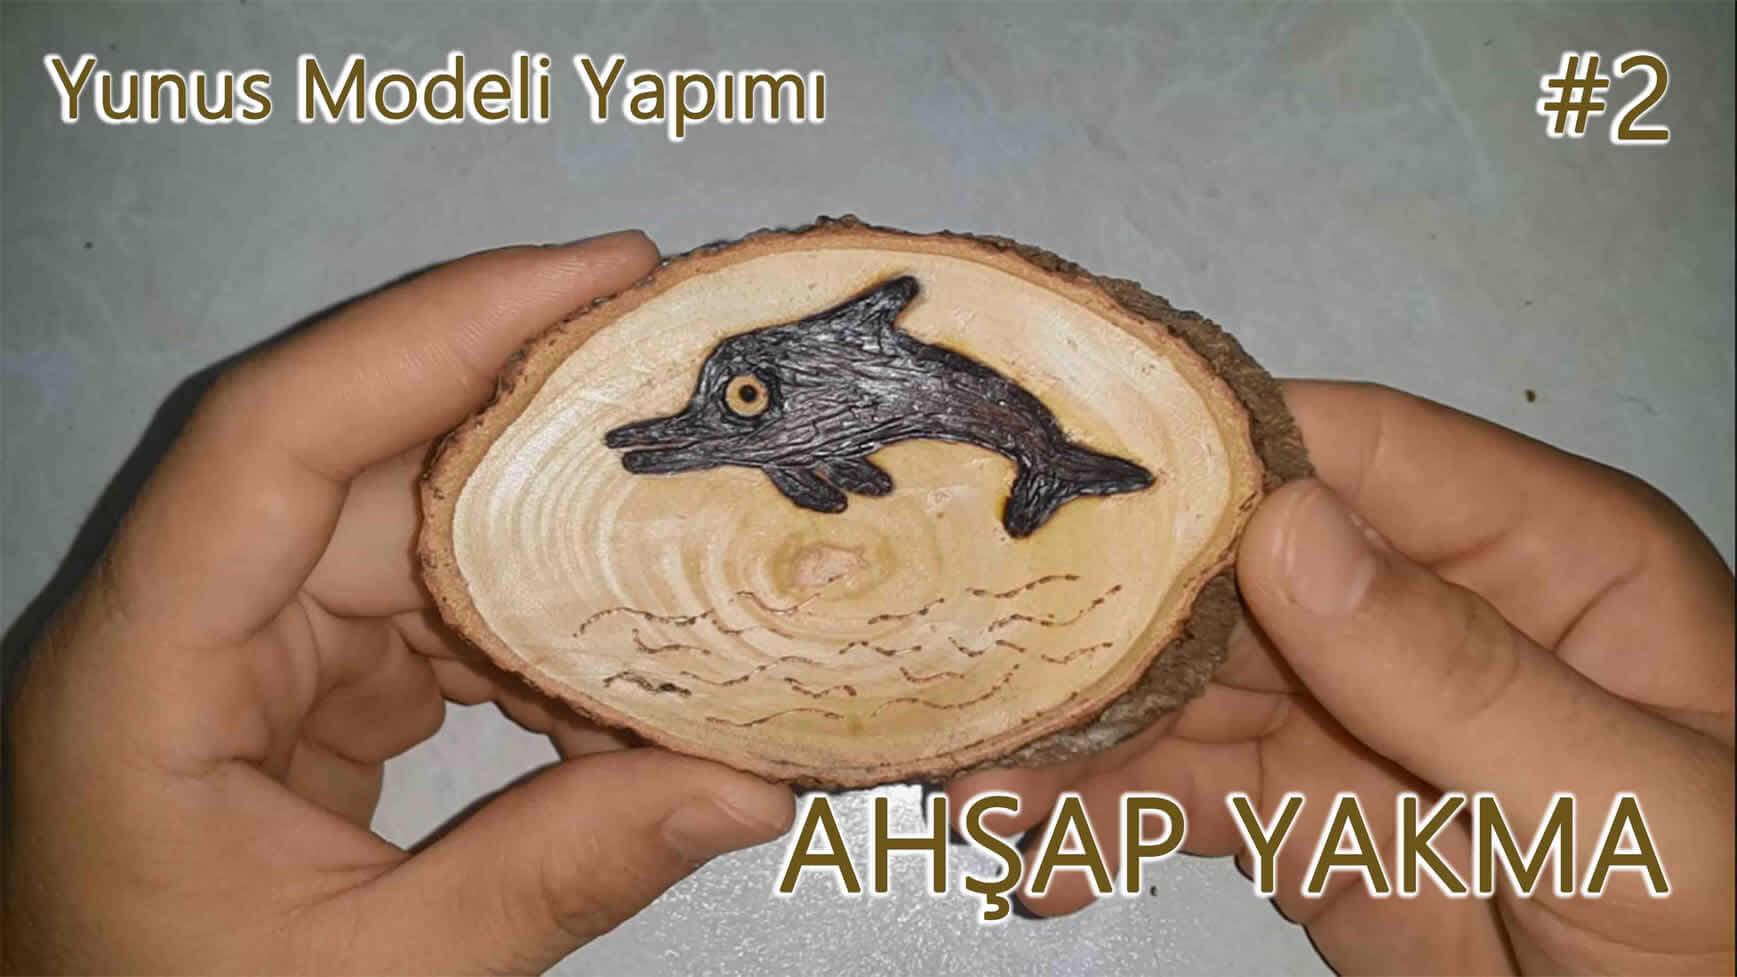 Ahşap Yakma Yunus Modeli Yapımı